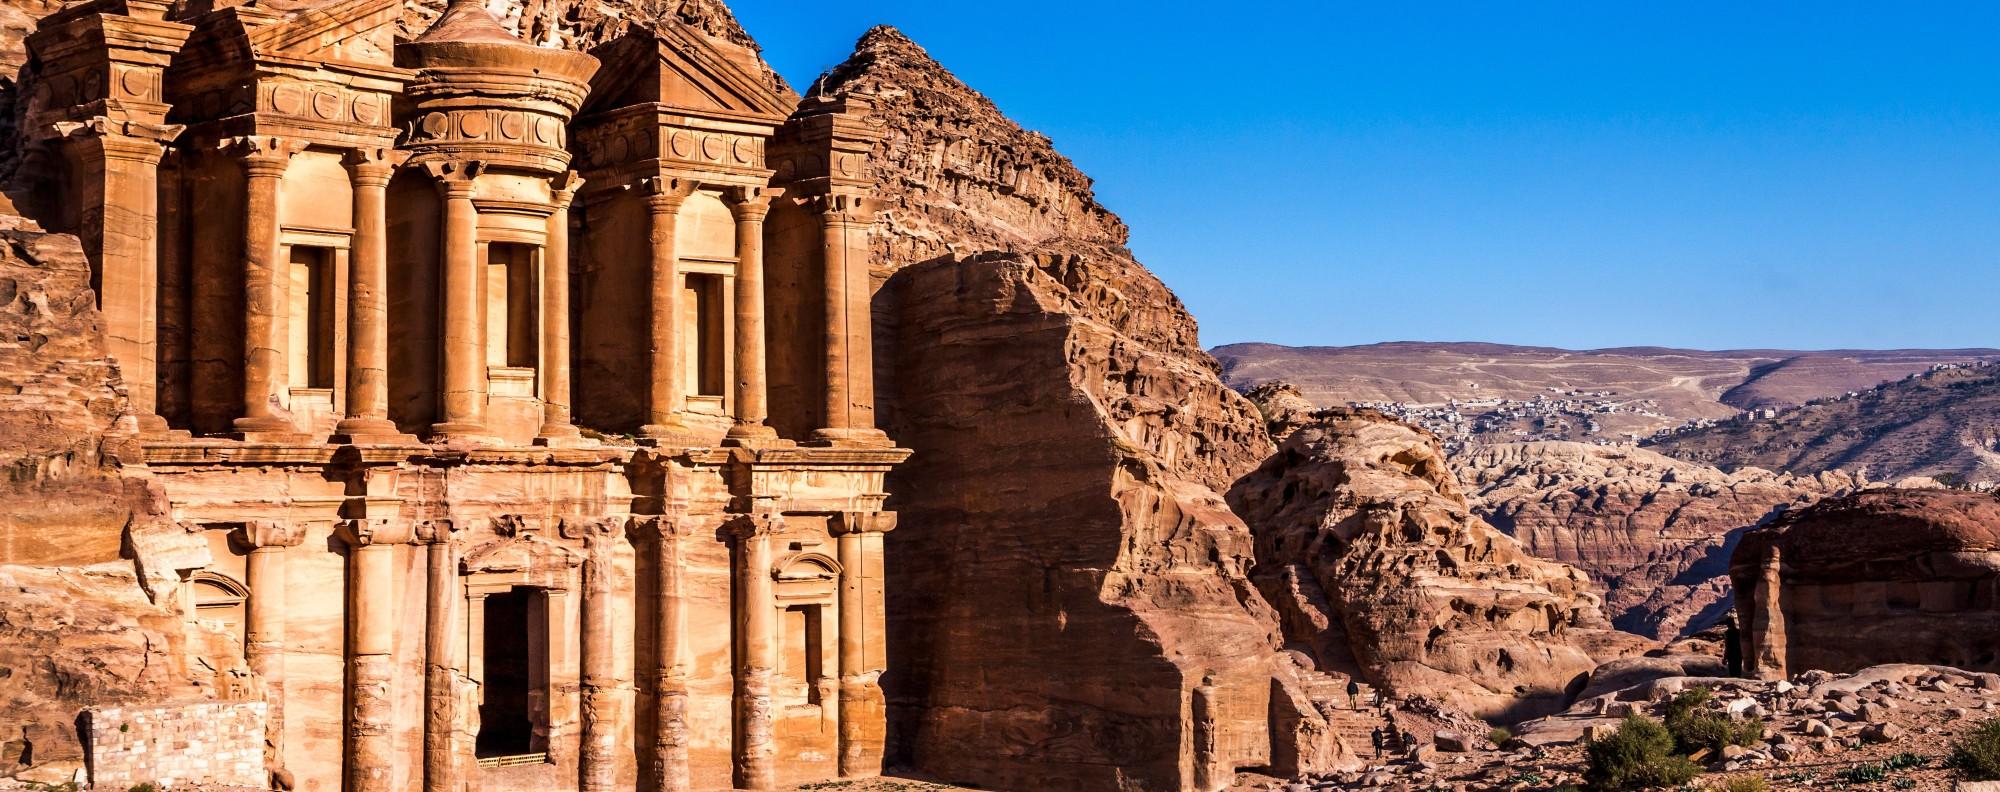 The Monastery, Petra, Jordan.